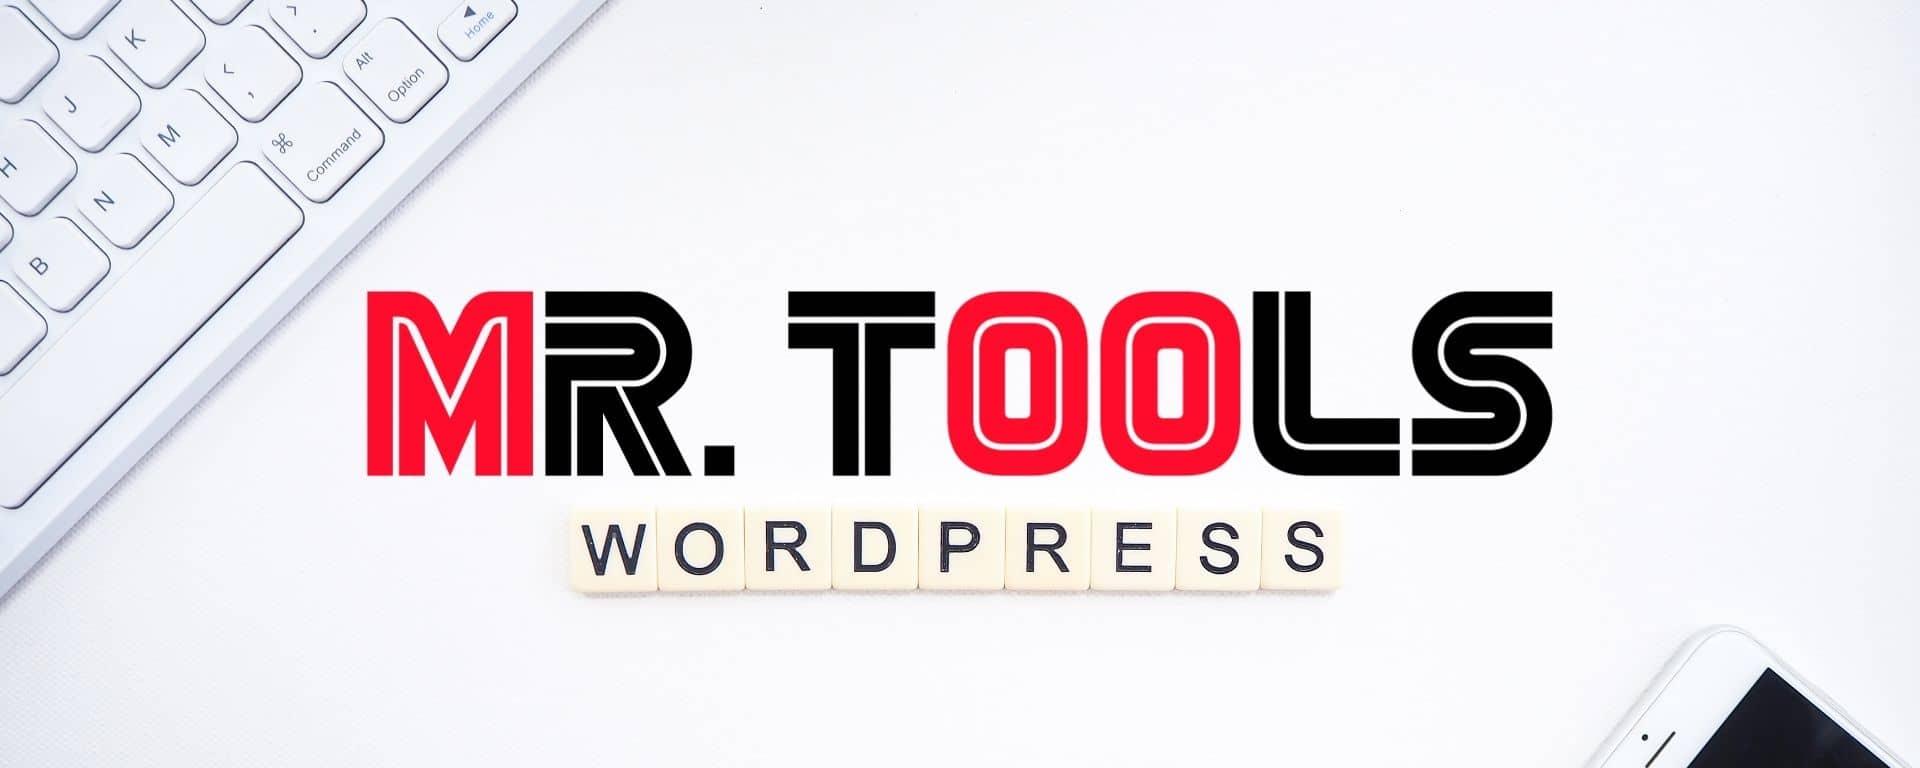 Mr. Tools